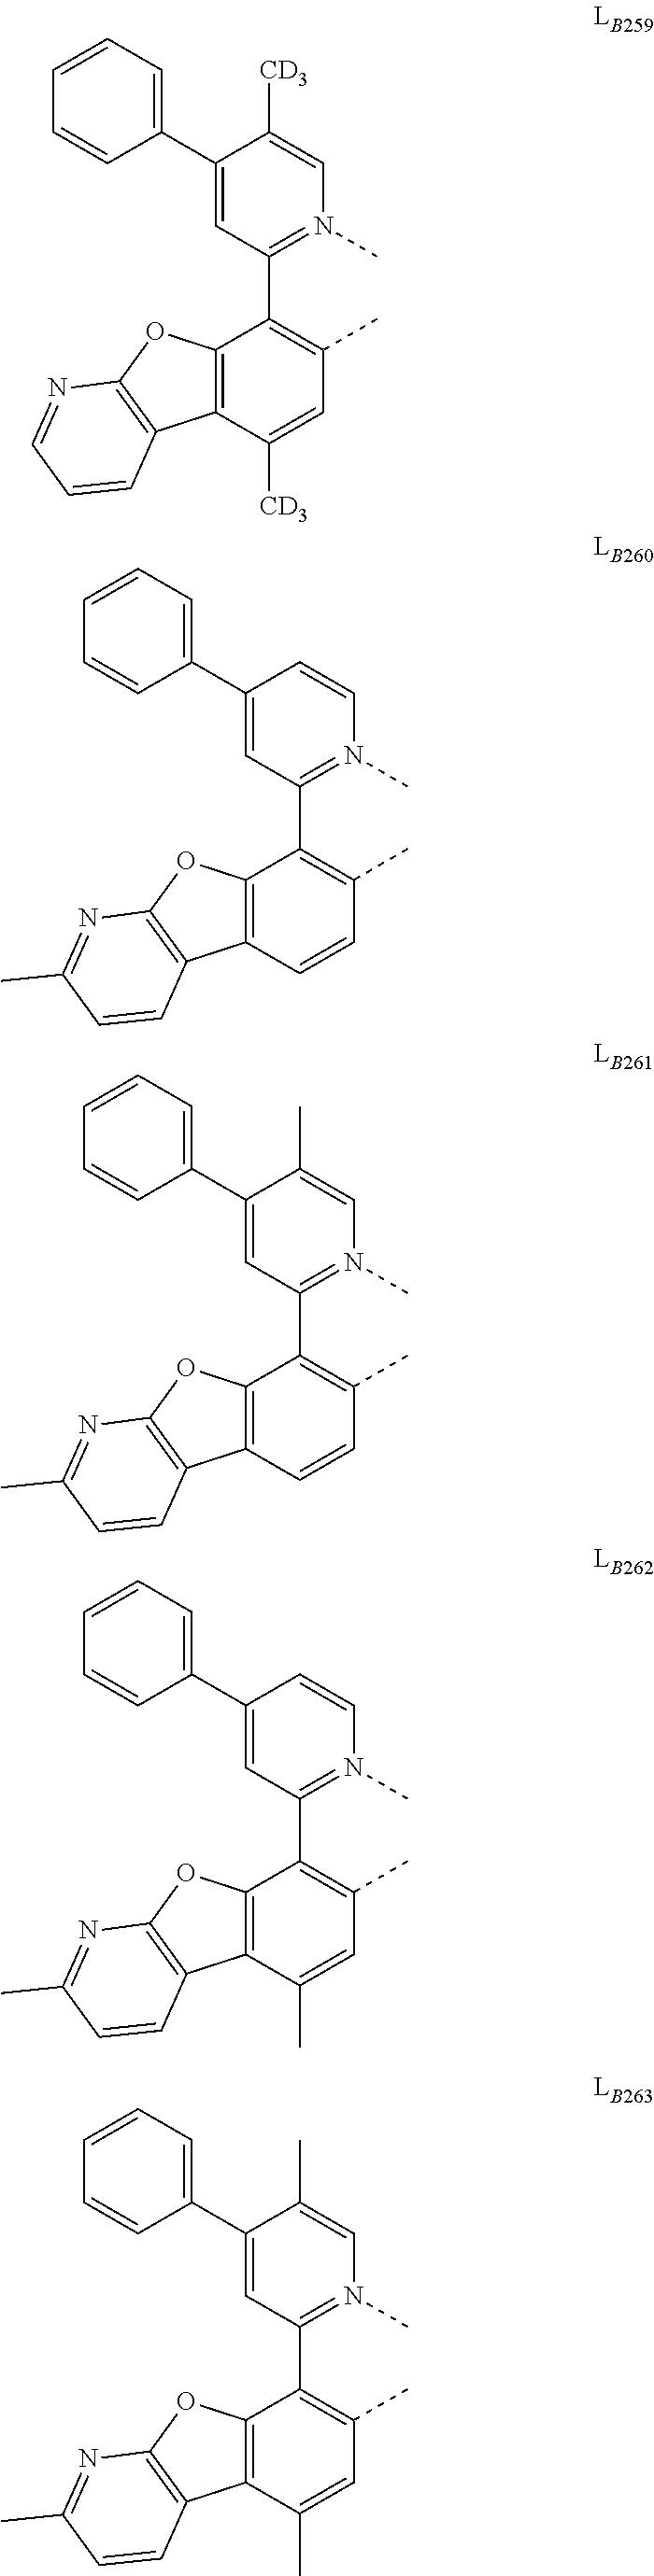 Figure US20180130962A1-20180510-C00119